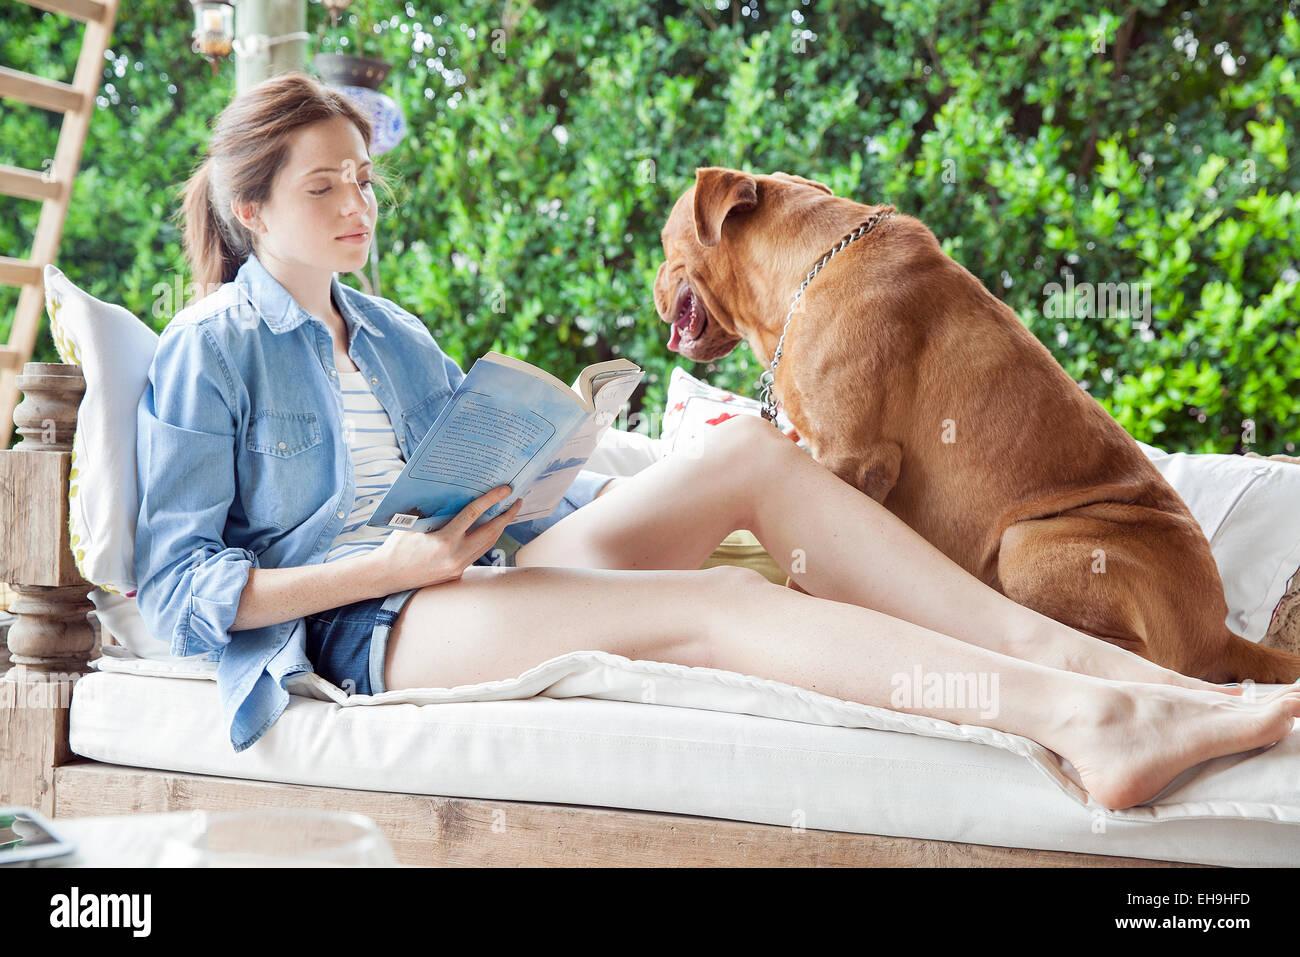 Giovane donna seduta accanto al cane all'aperto, libro di lettura Immagini Stock